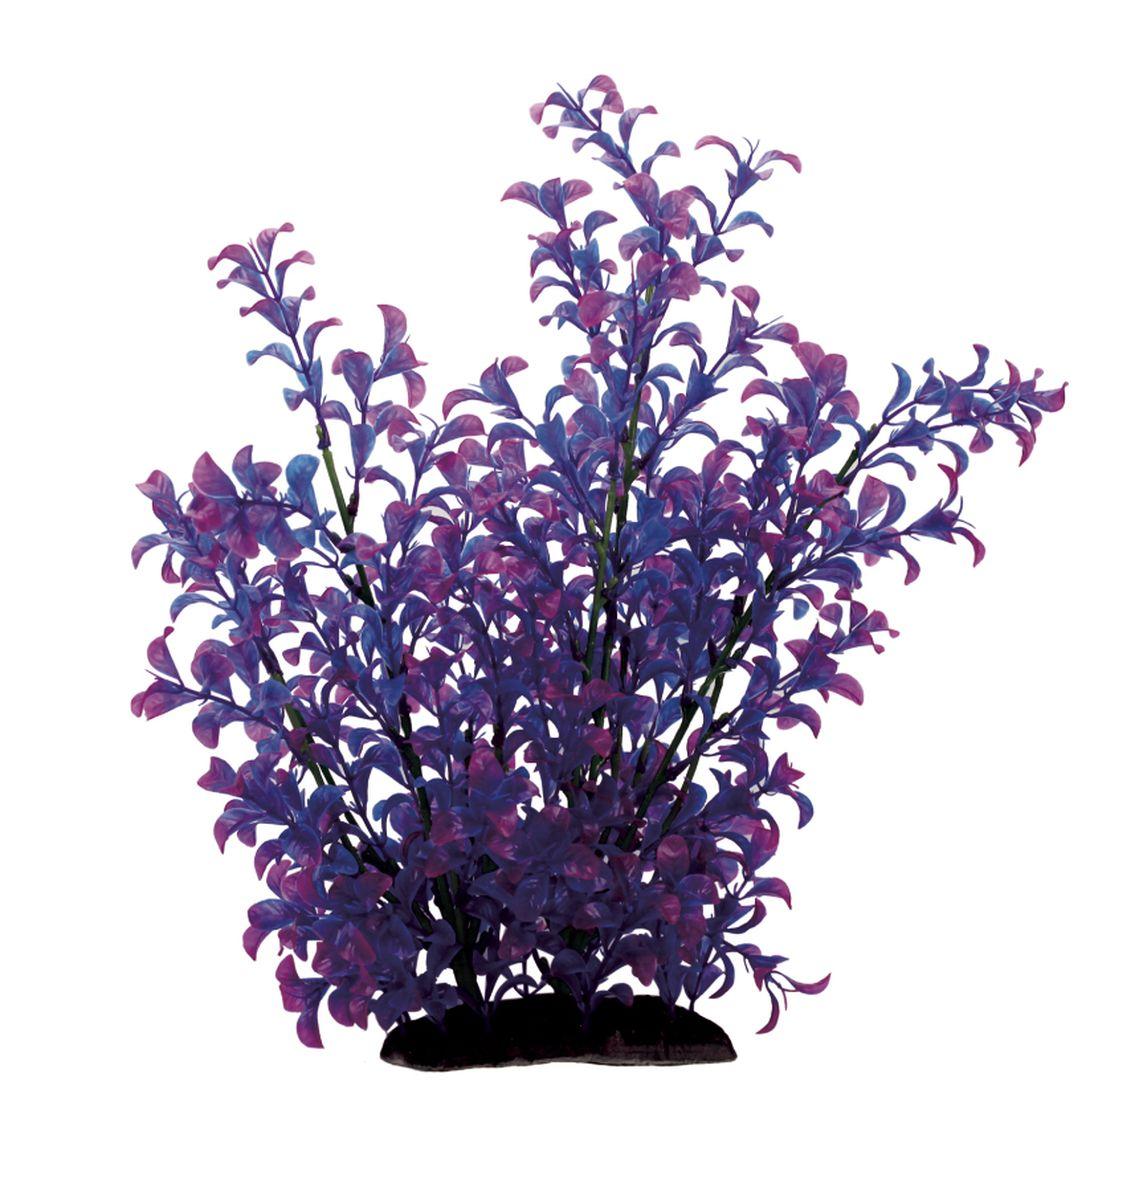 Растение для аквариума ArtUniq Людвигия фиолетовая, высота 35 см0120710Растение для аквариума ArtUniq Людвигия фиолетовая, высота 35 см